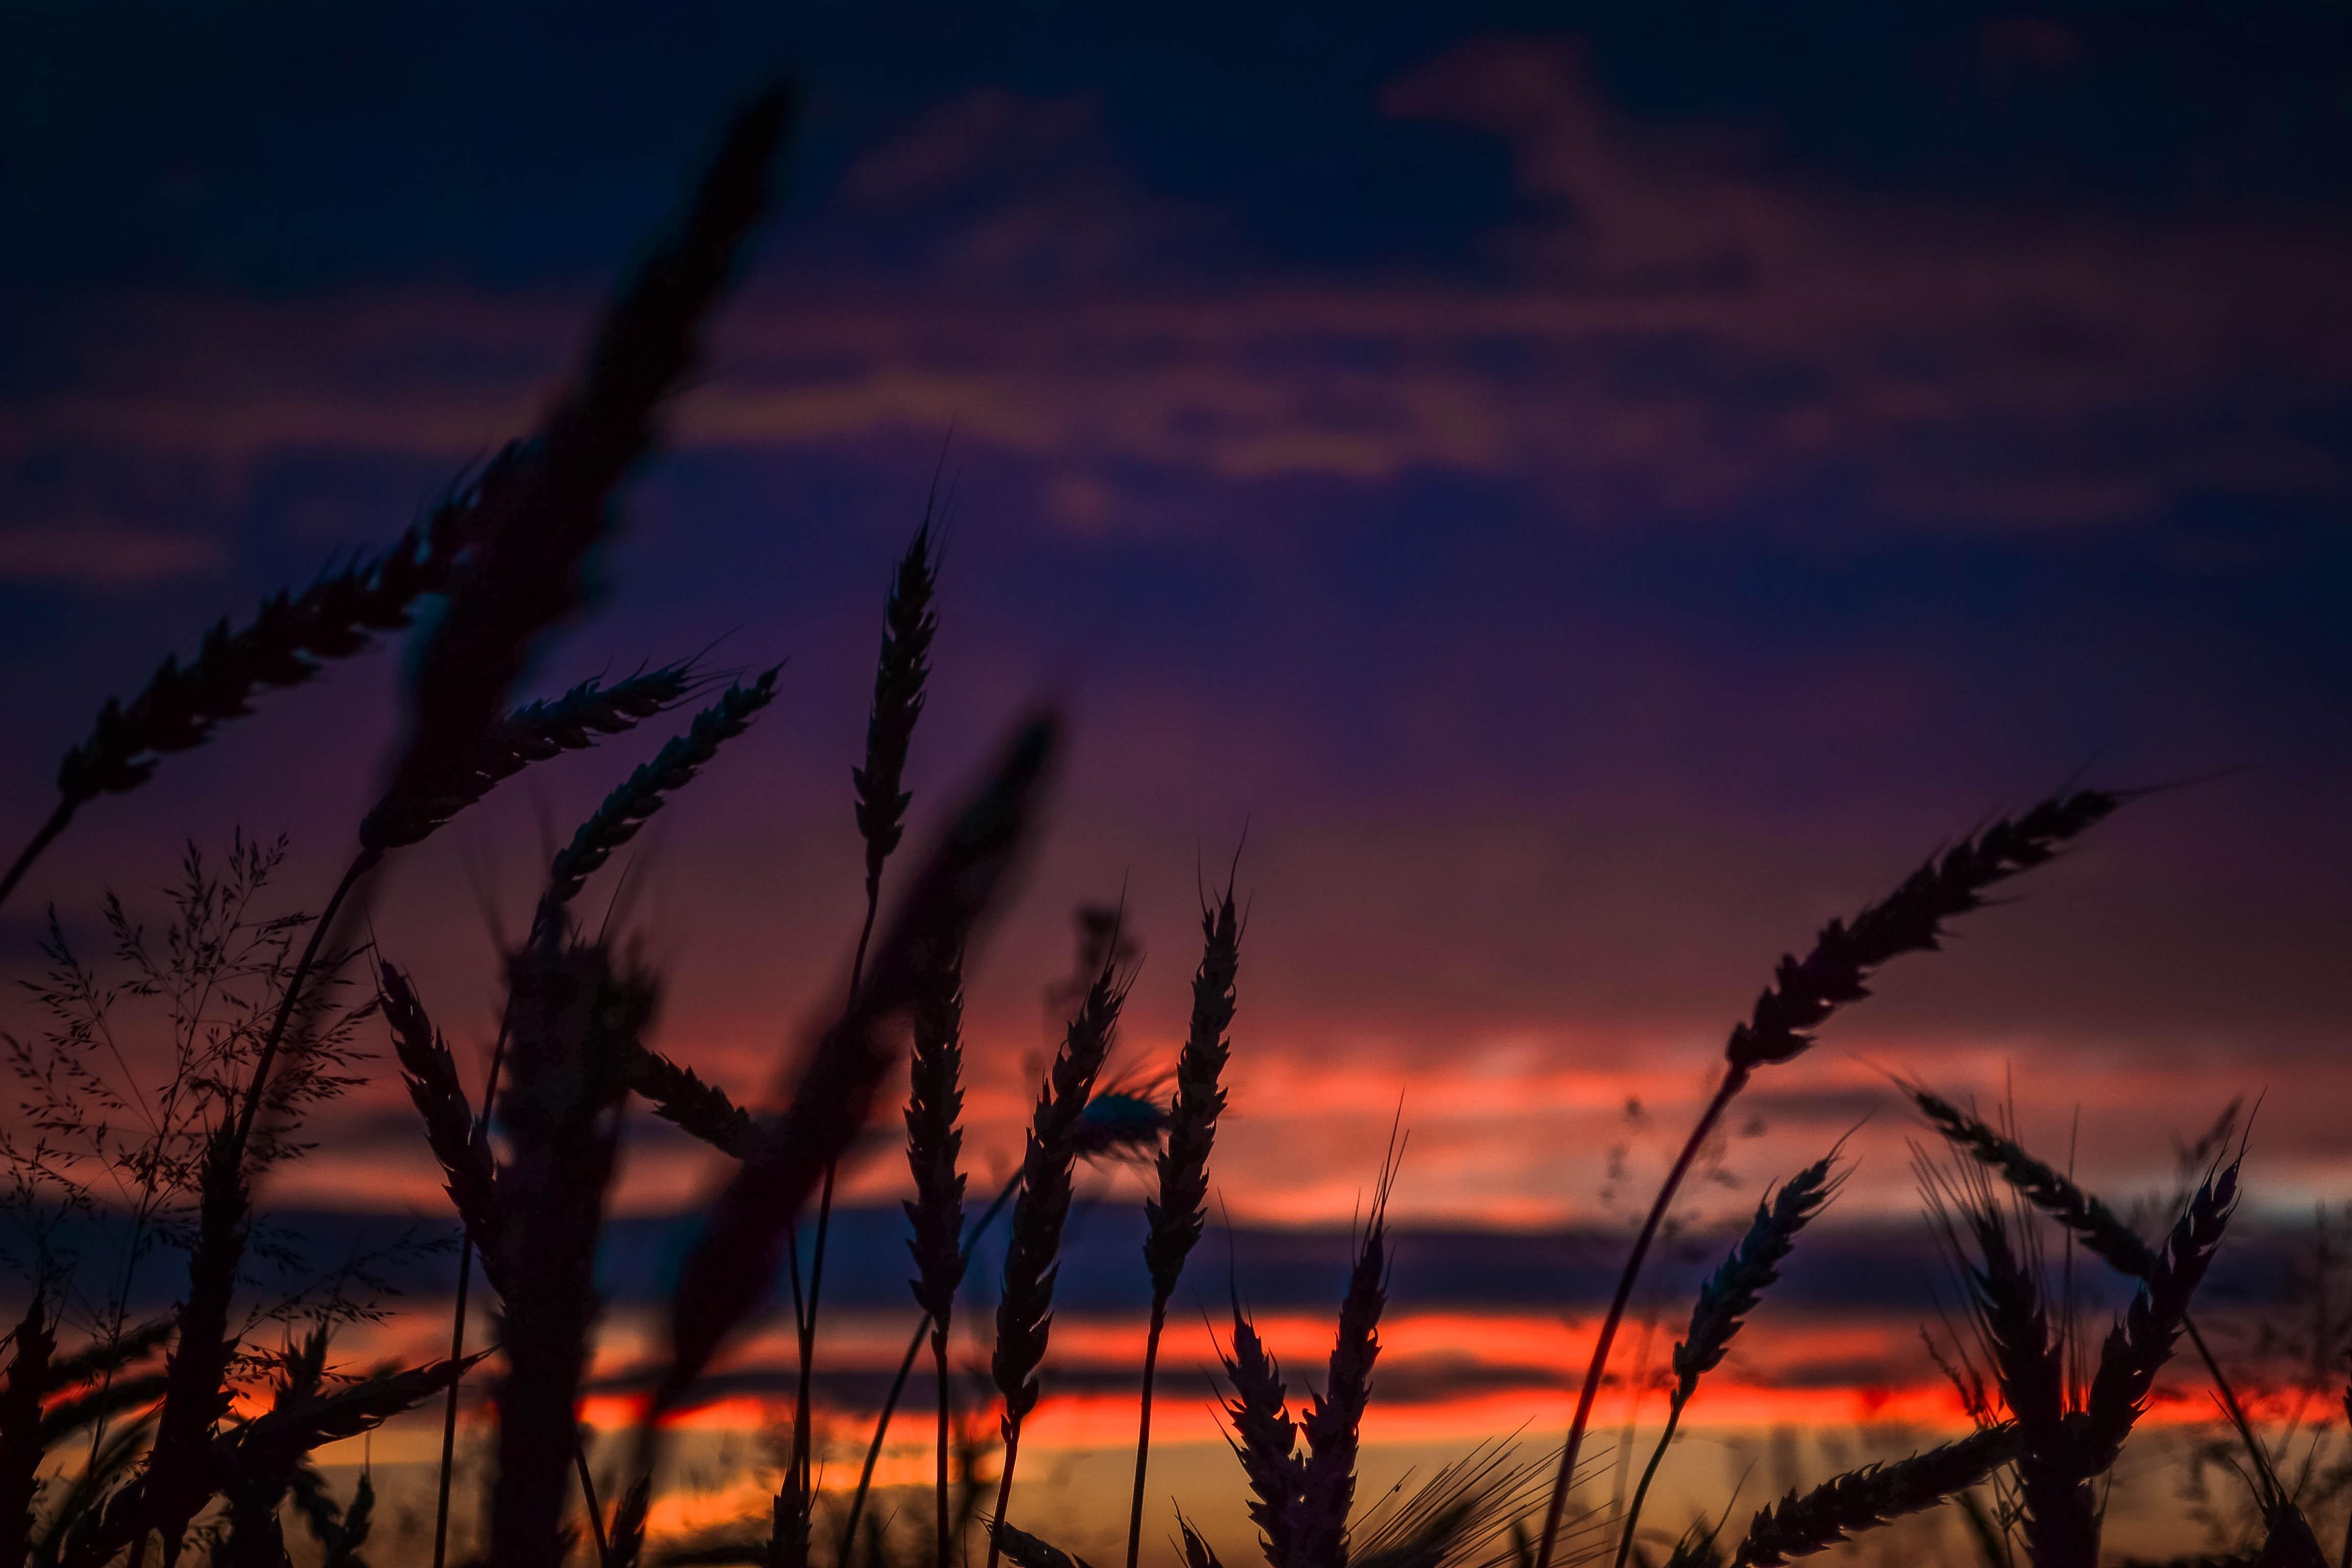 картинка рассвет и пшеница картинка словами, надписью